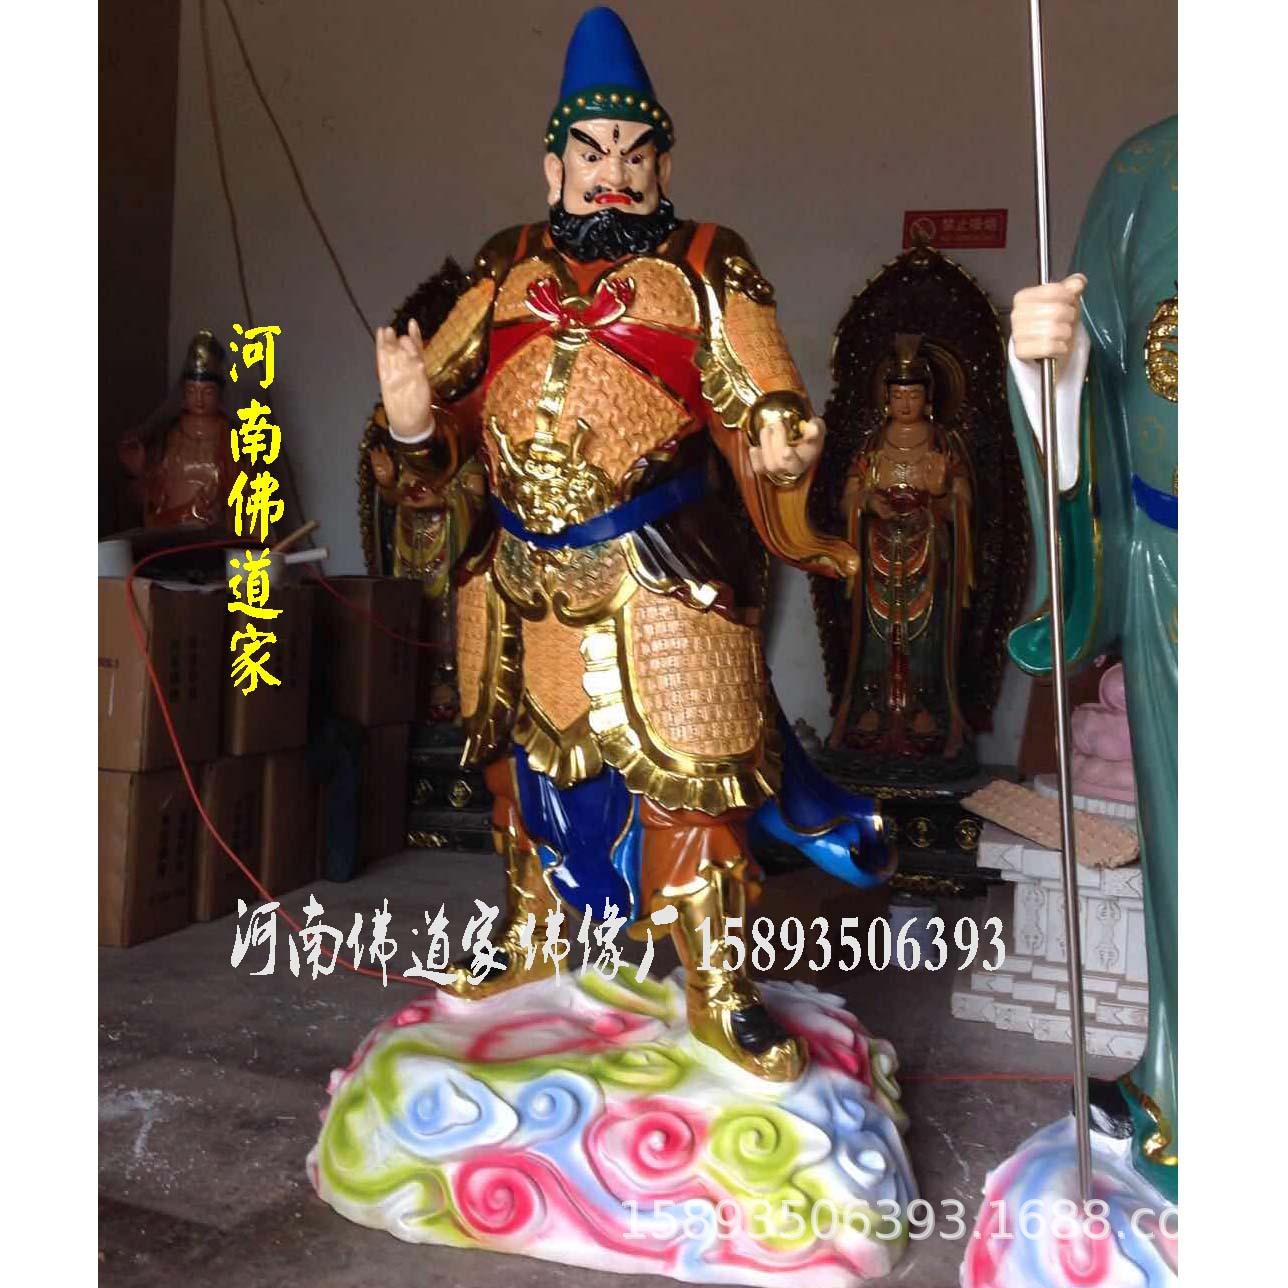 佛教四大金钢佛像 树脂佛像 厂家直销 佛像销售 四大护法1.6米示例图4